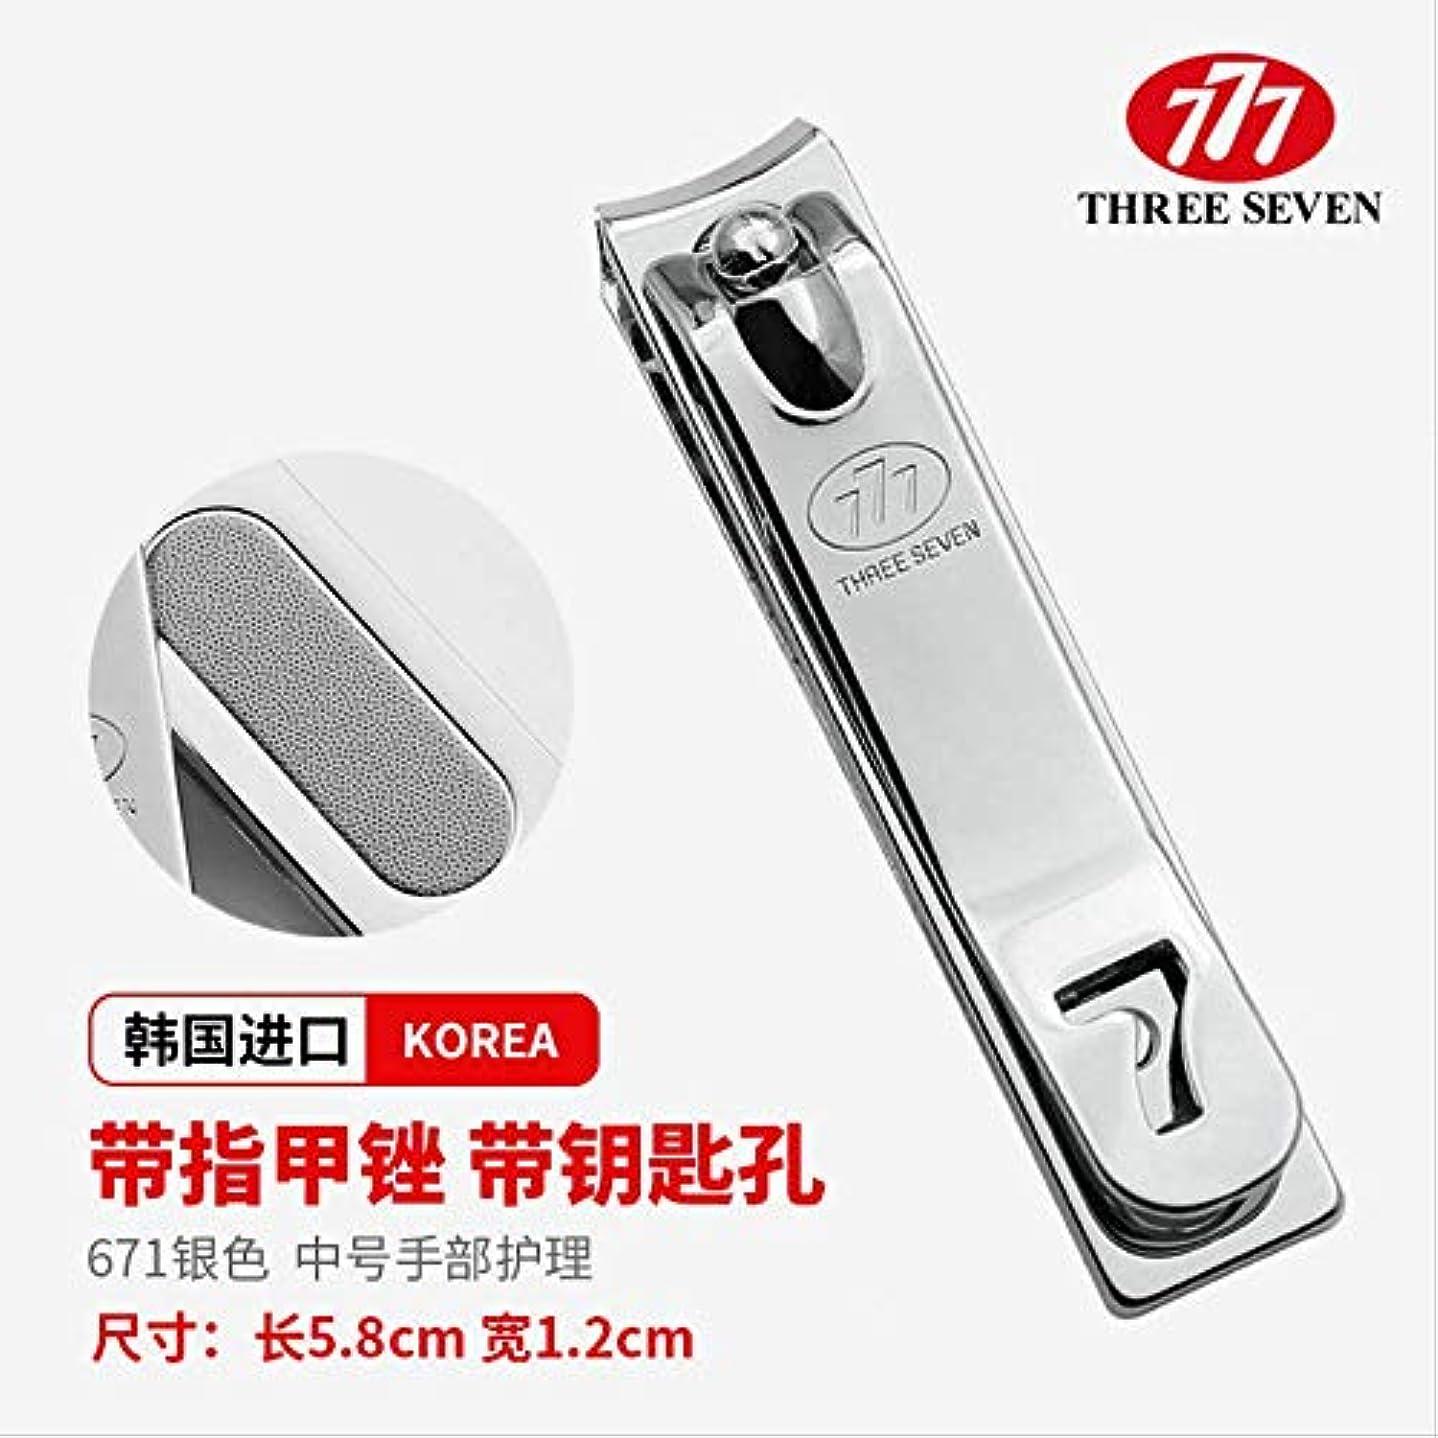 良心過半数到着する韓国777爪切りはさみ元平口斜め爪切り小さな爪切り大本物 N-671G